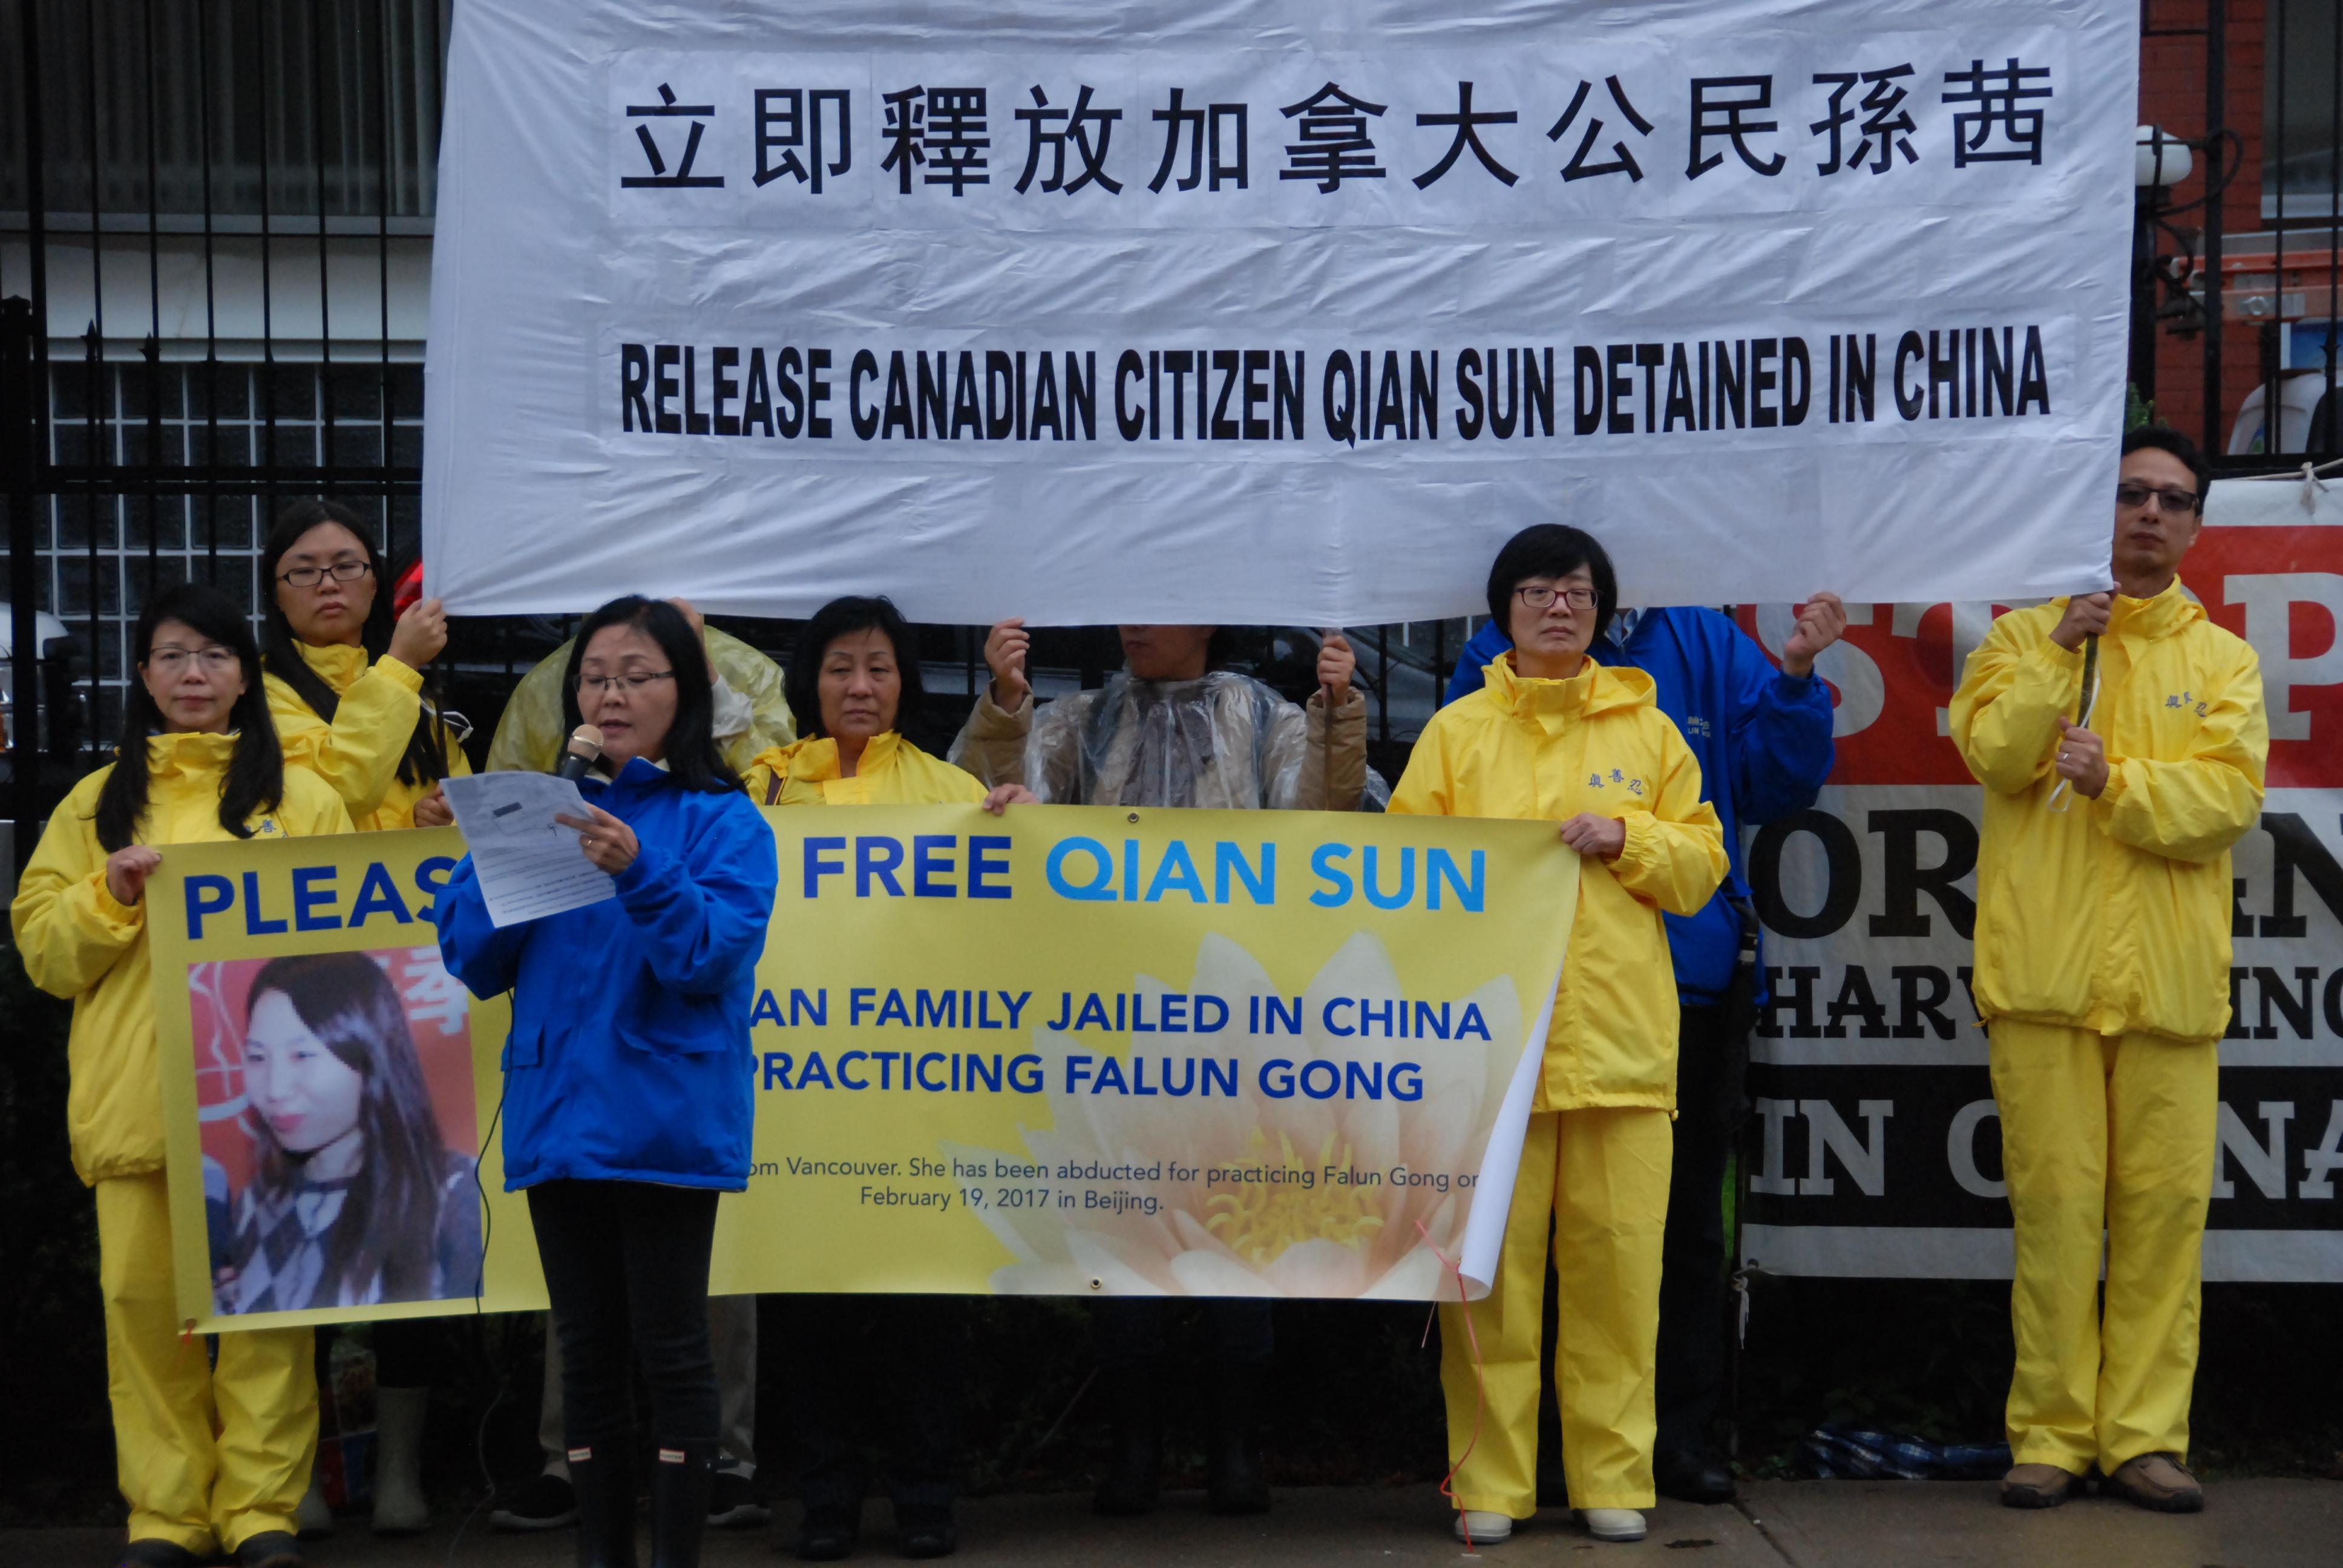 孫茜被迫棄加籍 前司法部長:她仍是加公民